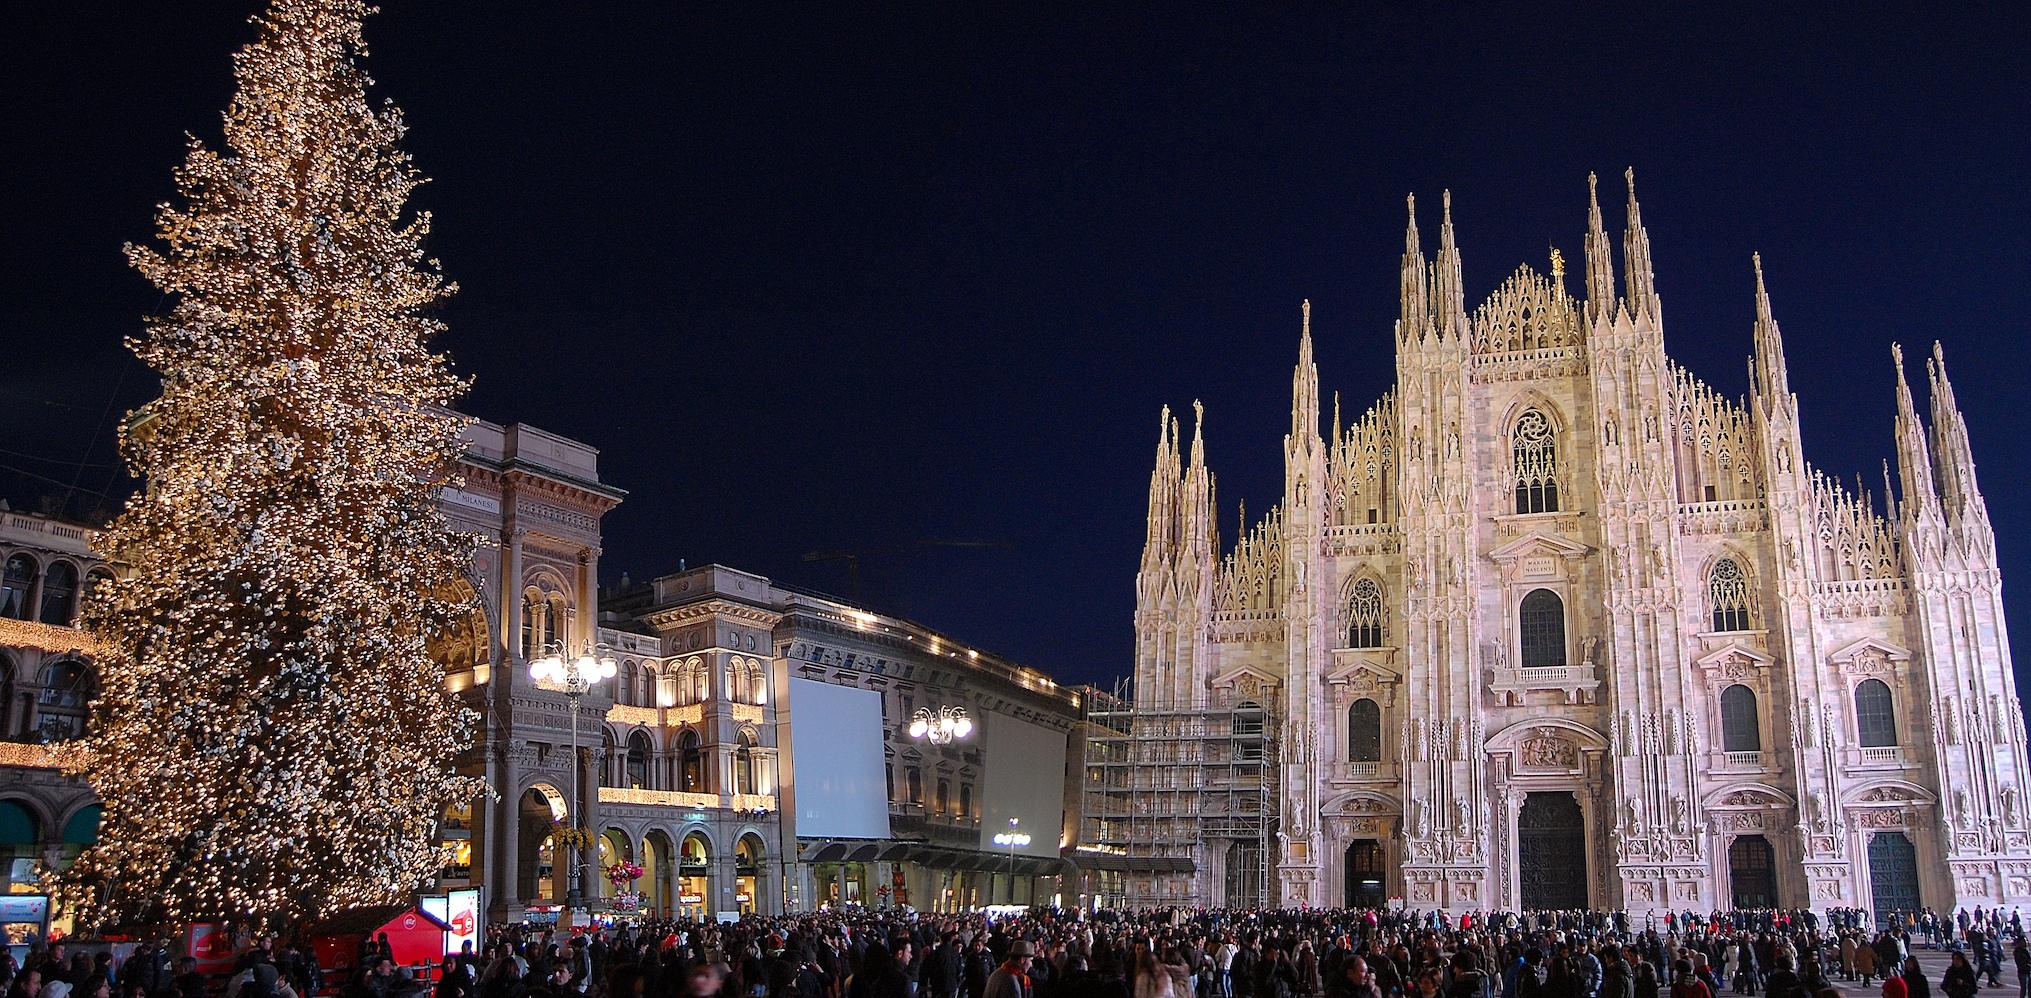 Immagini Milano Natale.Natale A Milano Cose Da Fare Eppure Sono In Viaggio